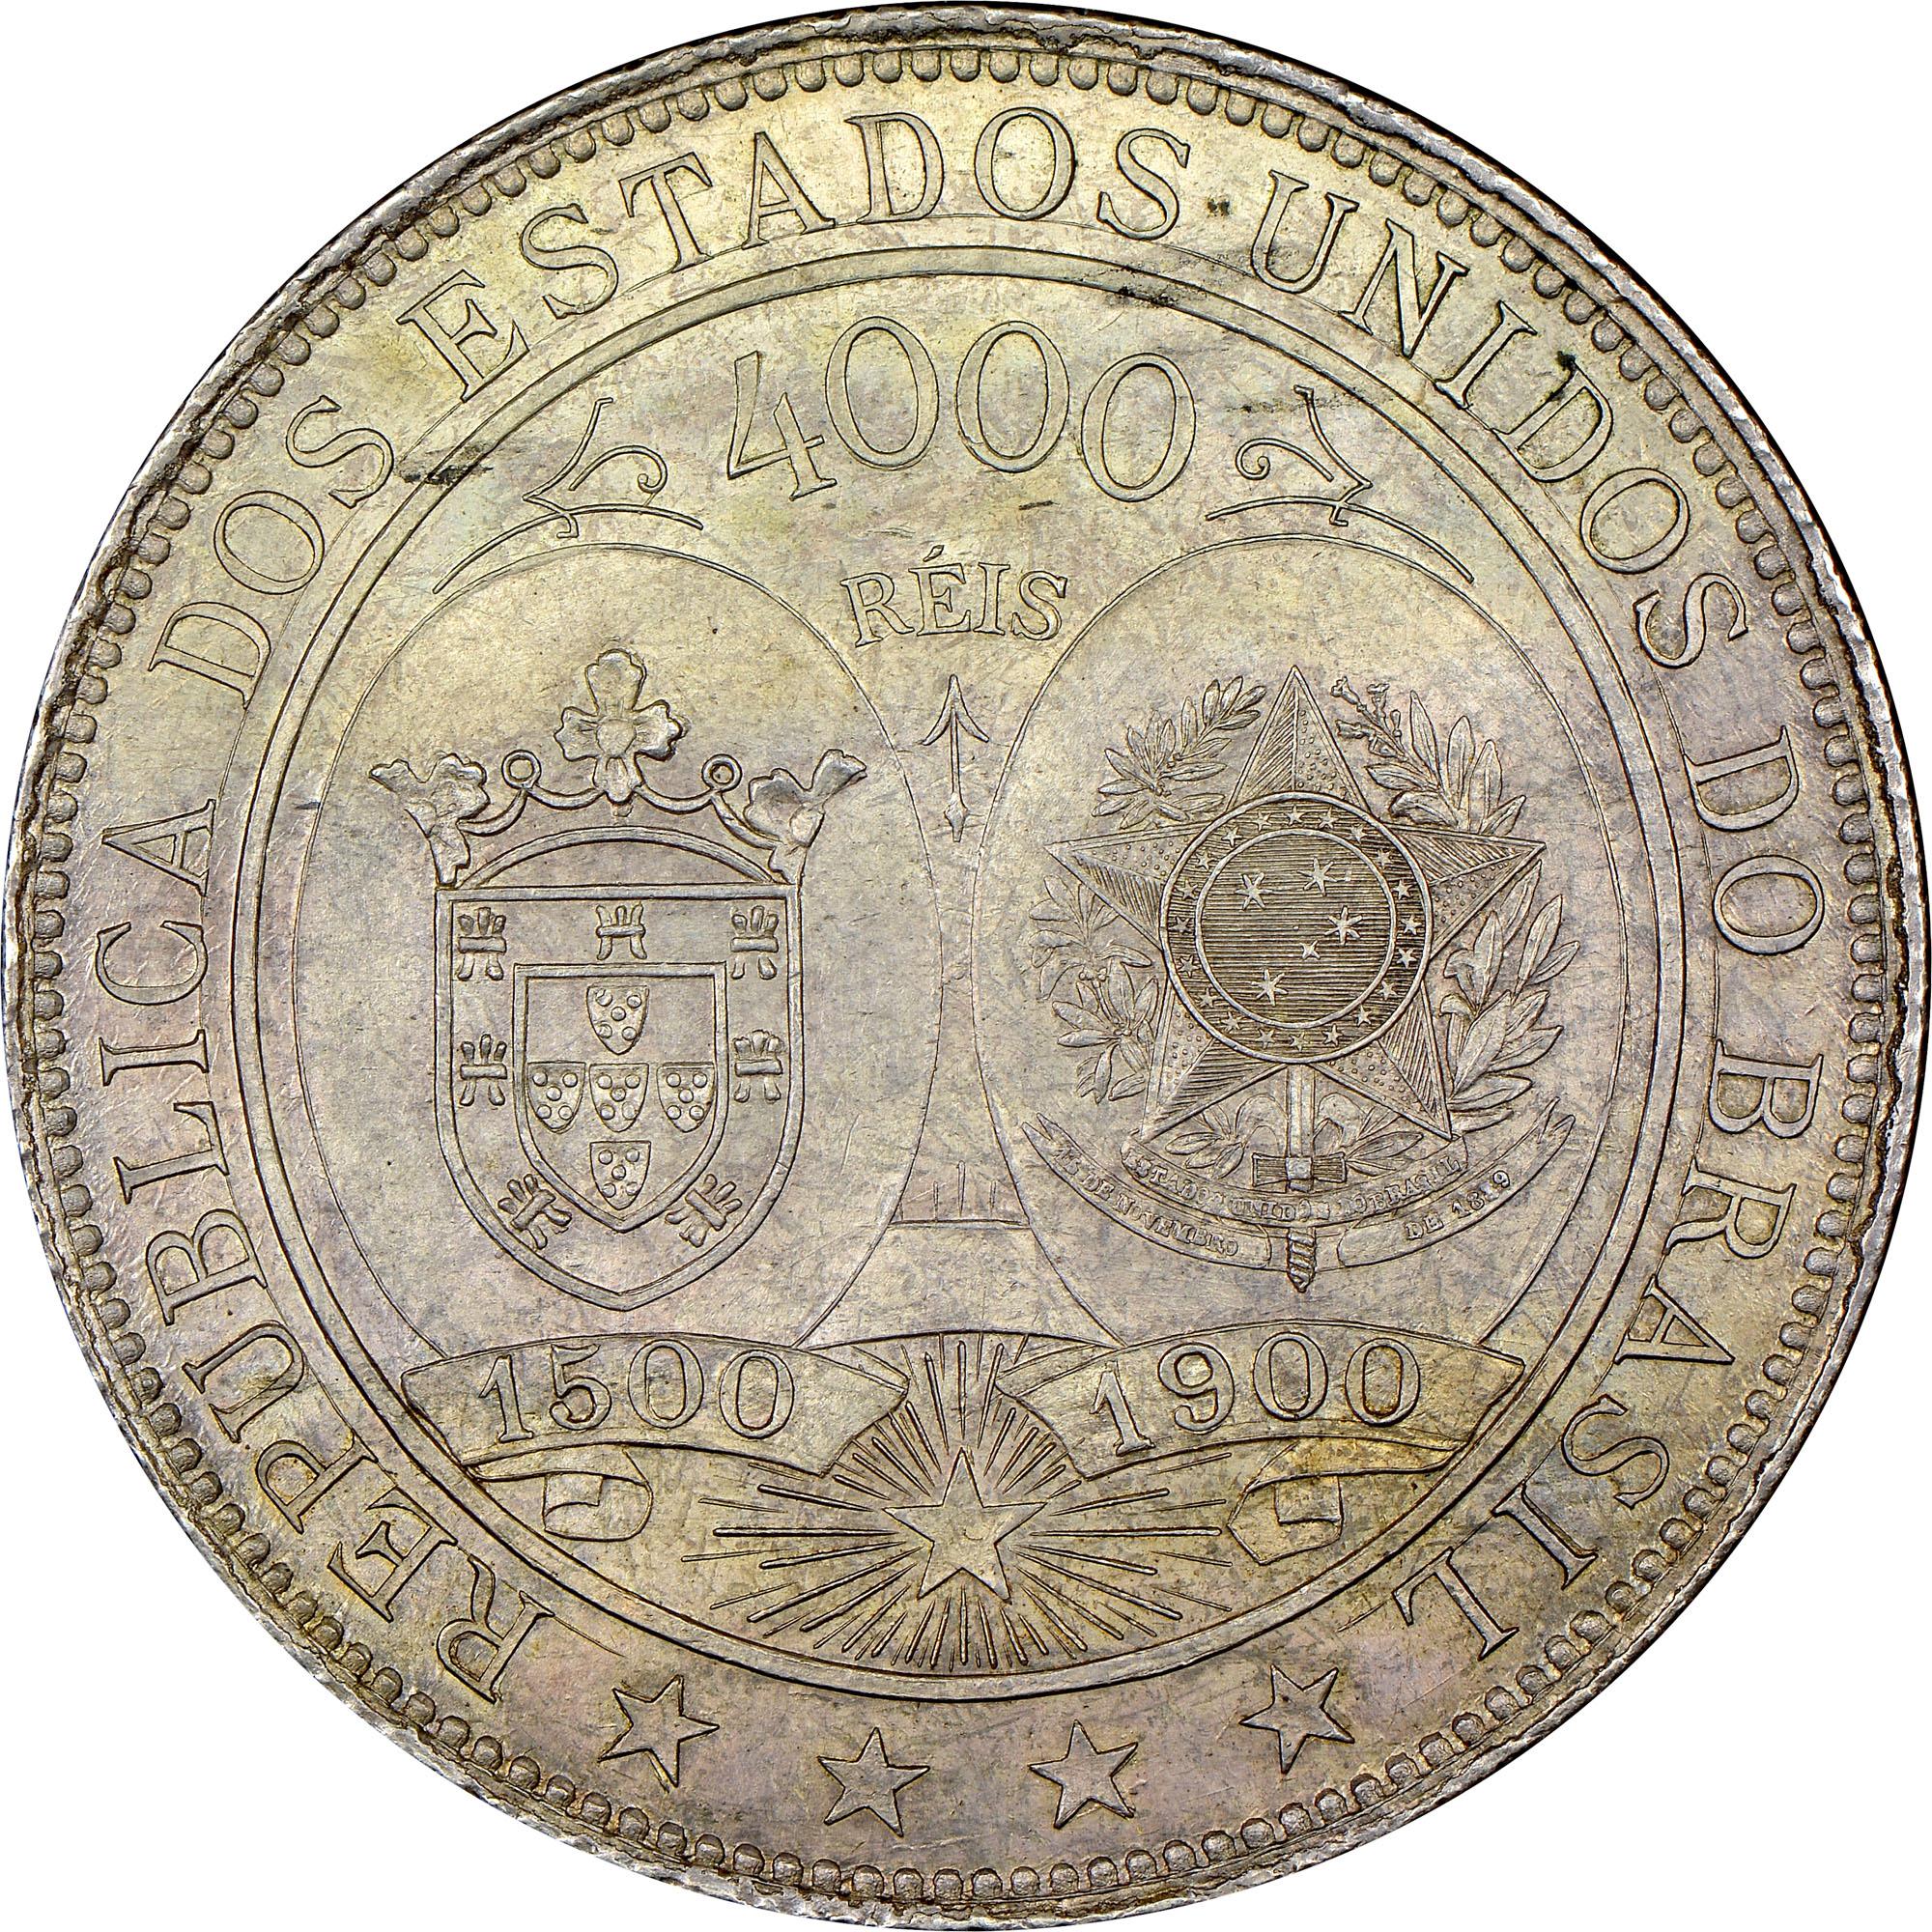 1900 Brazil 4000 Reis obverse